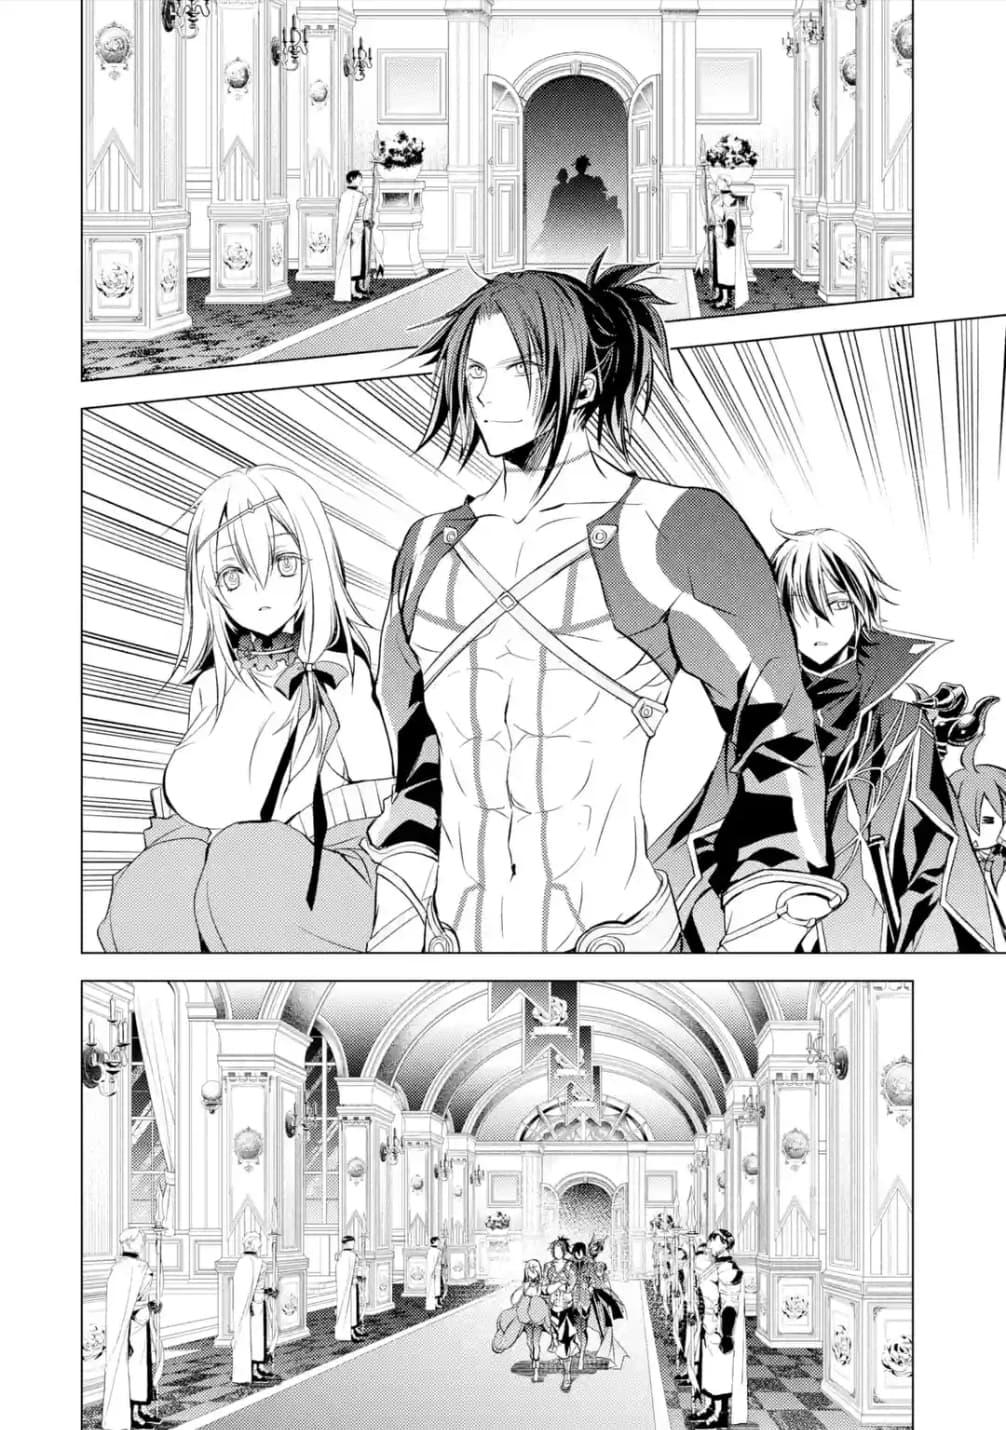 อ่านการ์ตูน Senmetsumadou no Saikyokenja ตอนที่ 4.4 หน้าที่ 7